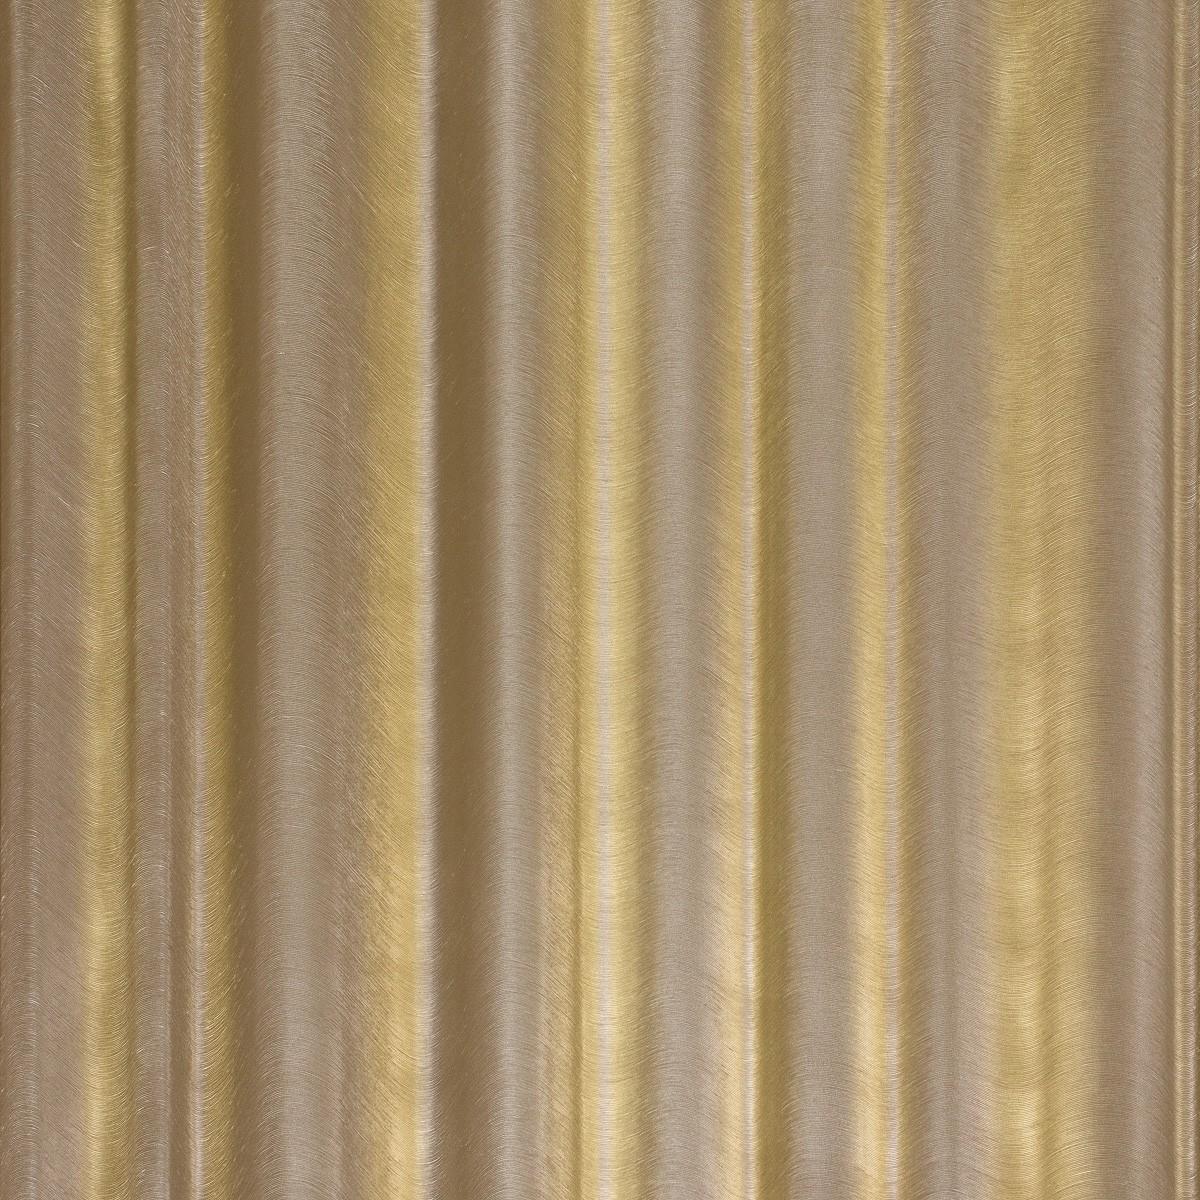 Harald--Gloeoeckler--Tapeten--Gold--Braun--Vorhang 21 Fresh Teppich Kurzflor